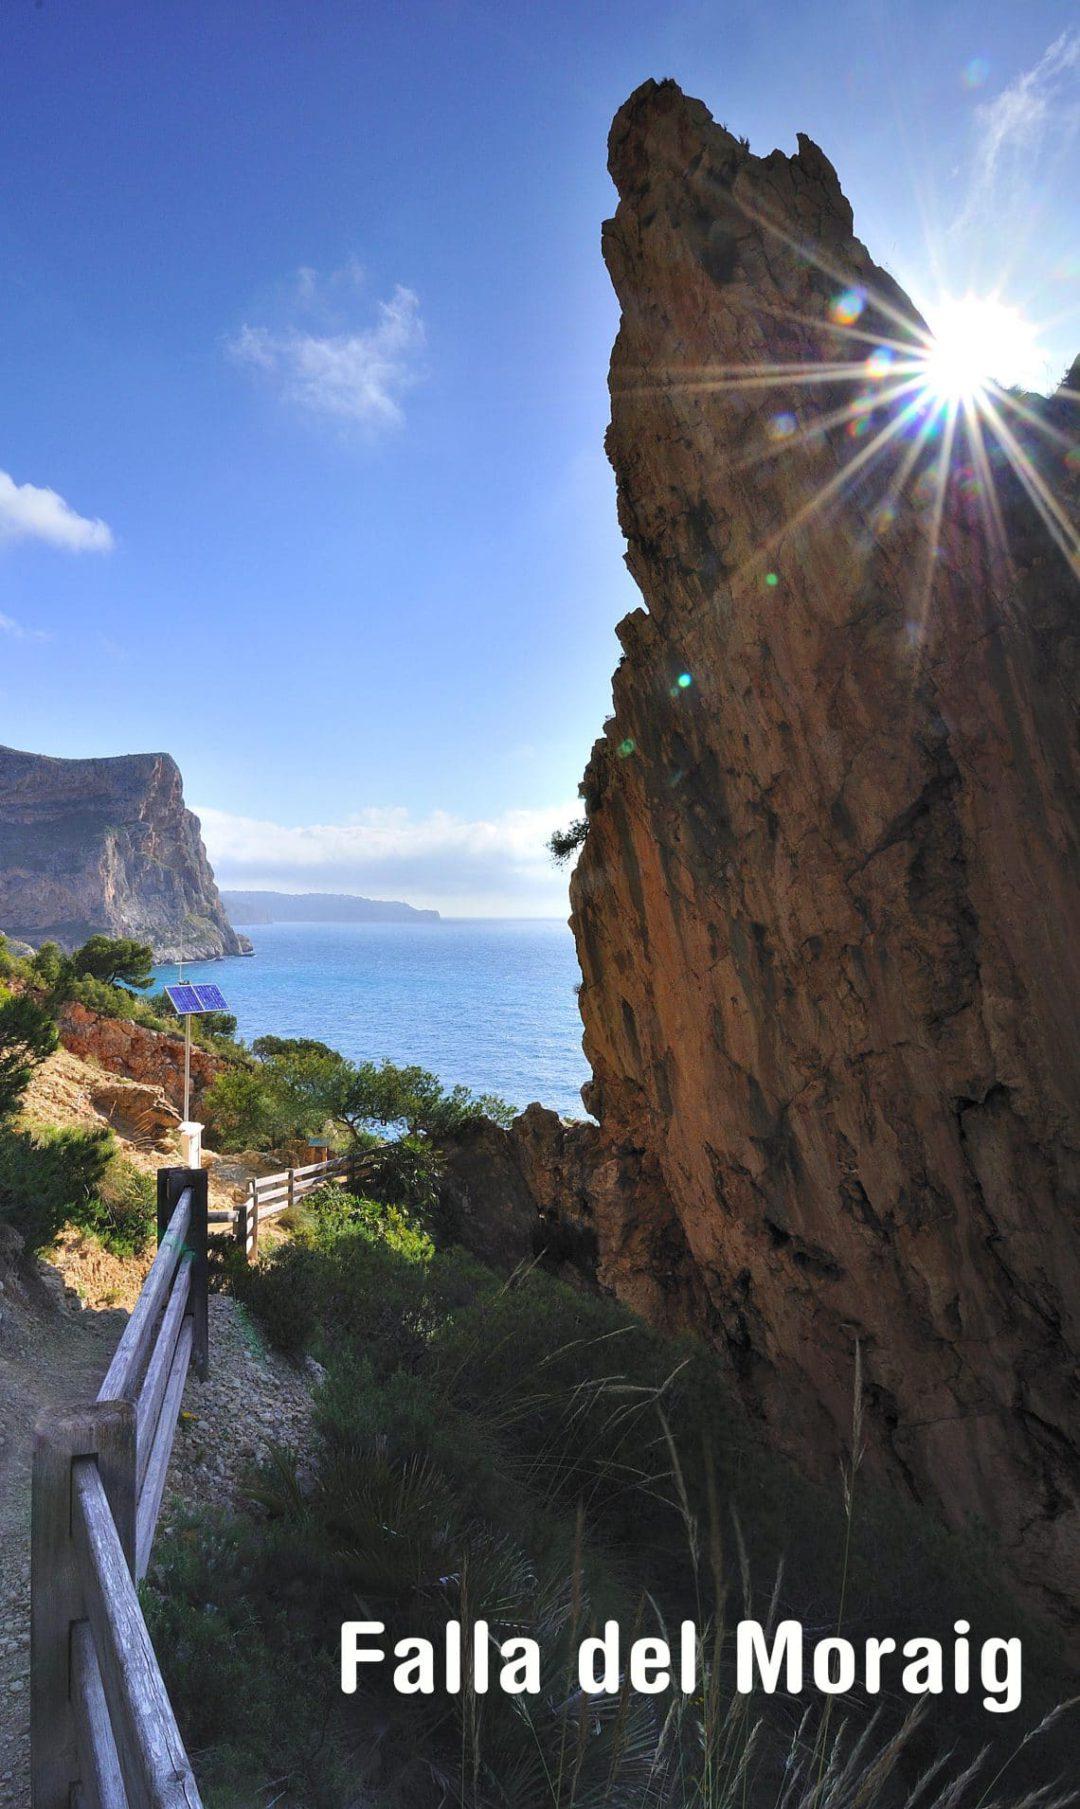 Ruta Falla del Moraig